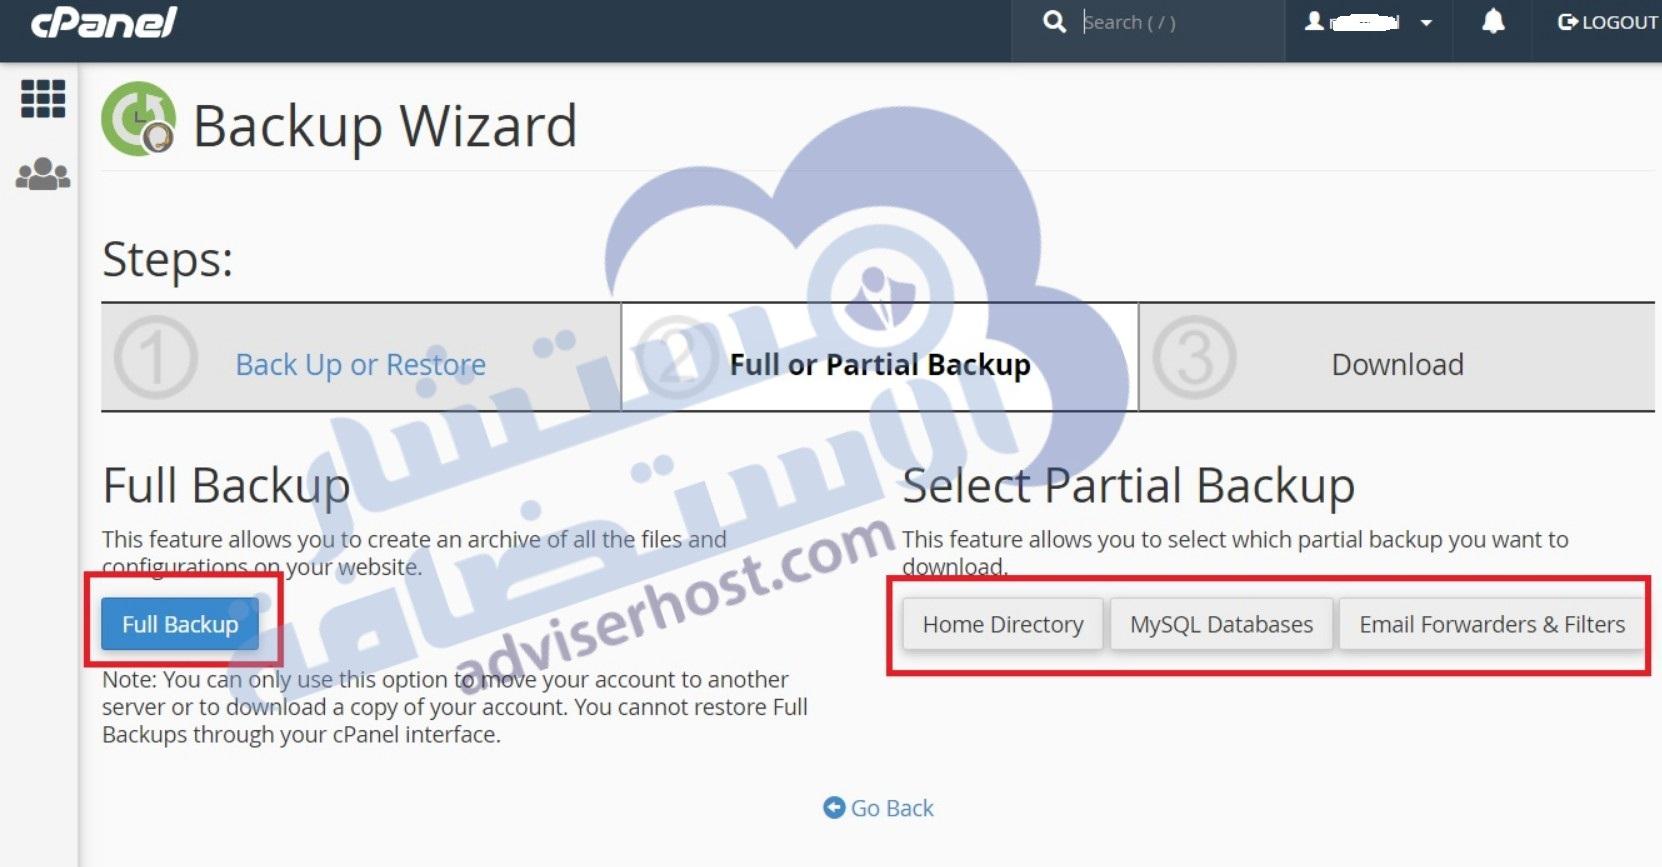 تنزيل نسخة احتياطية كاملة أو جزئية باستخدام Backup Wizard